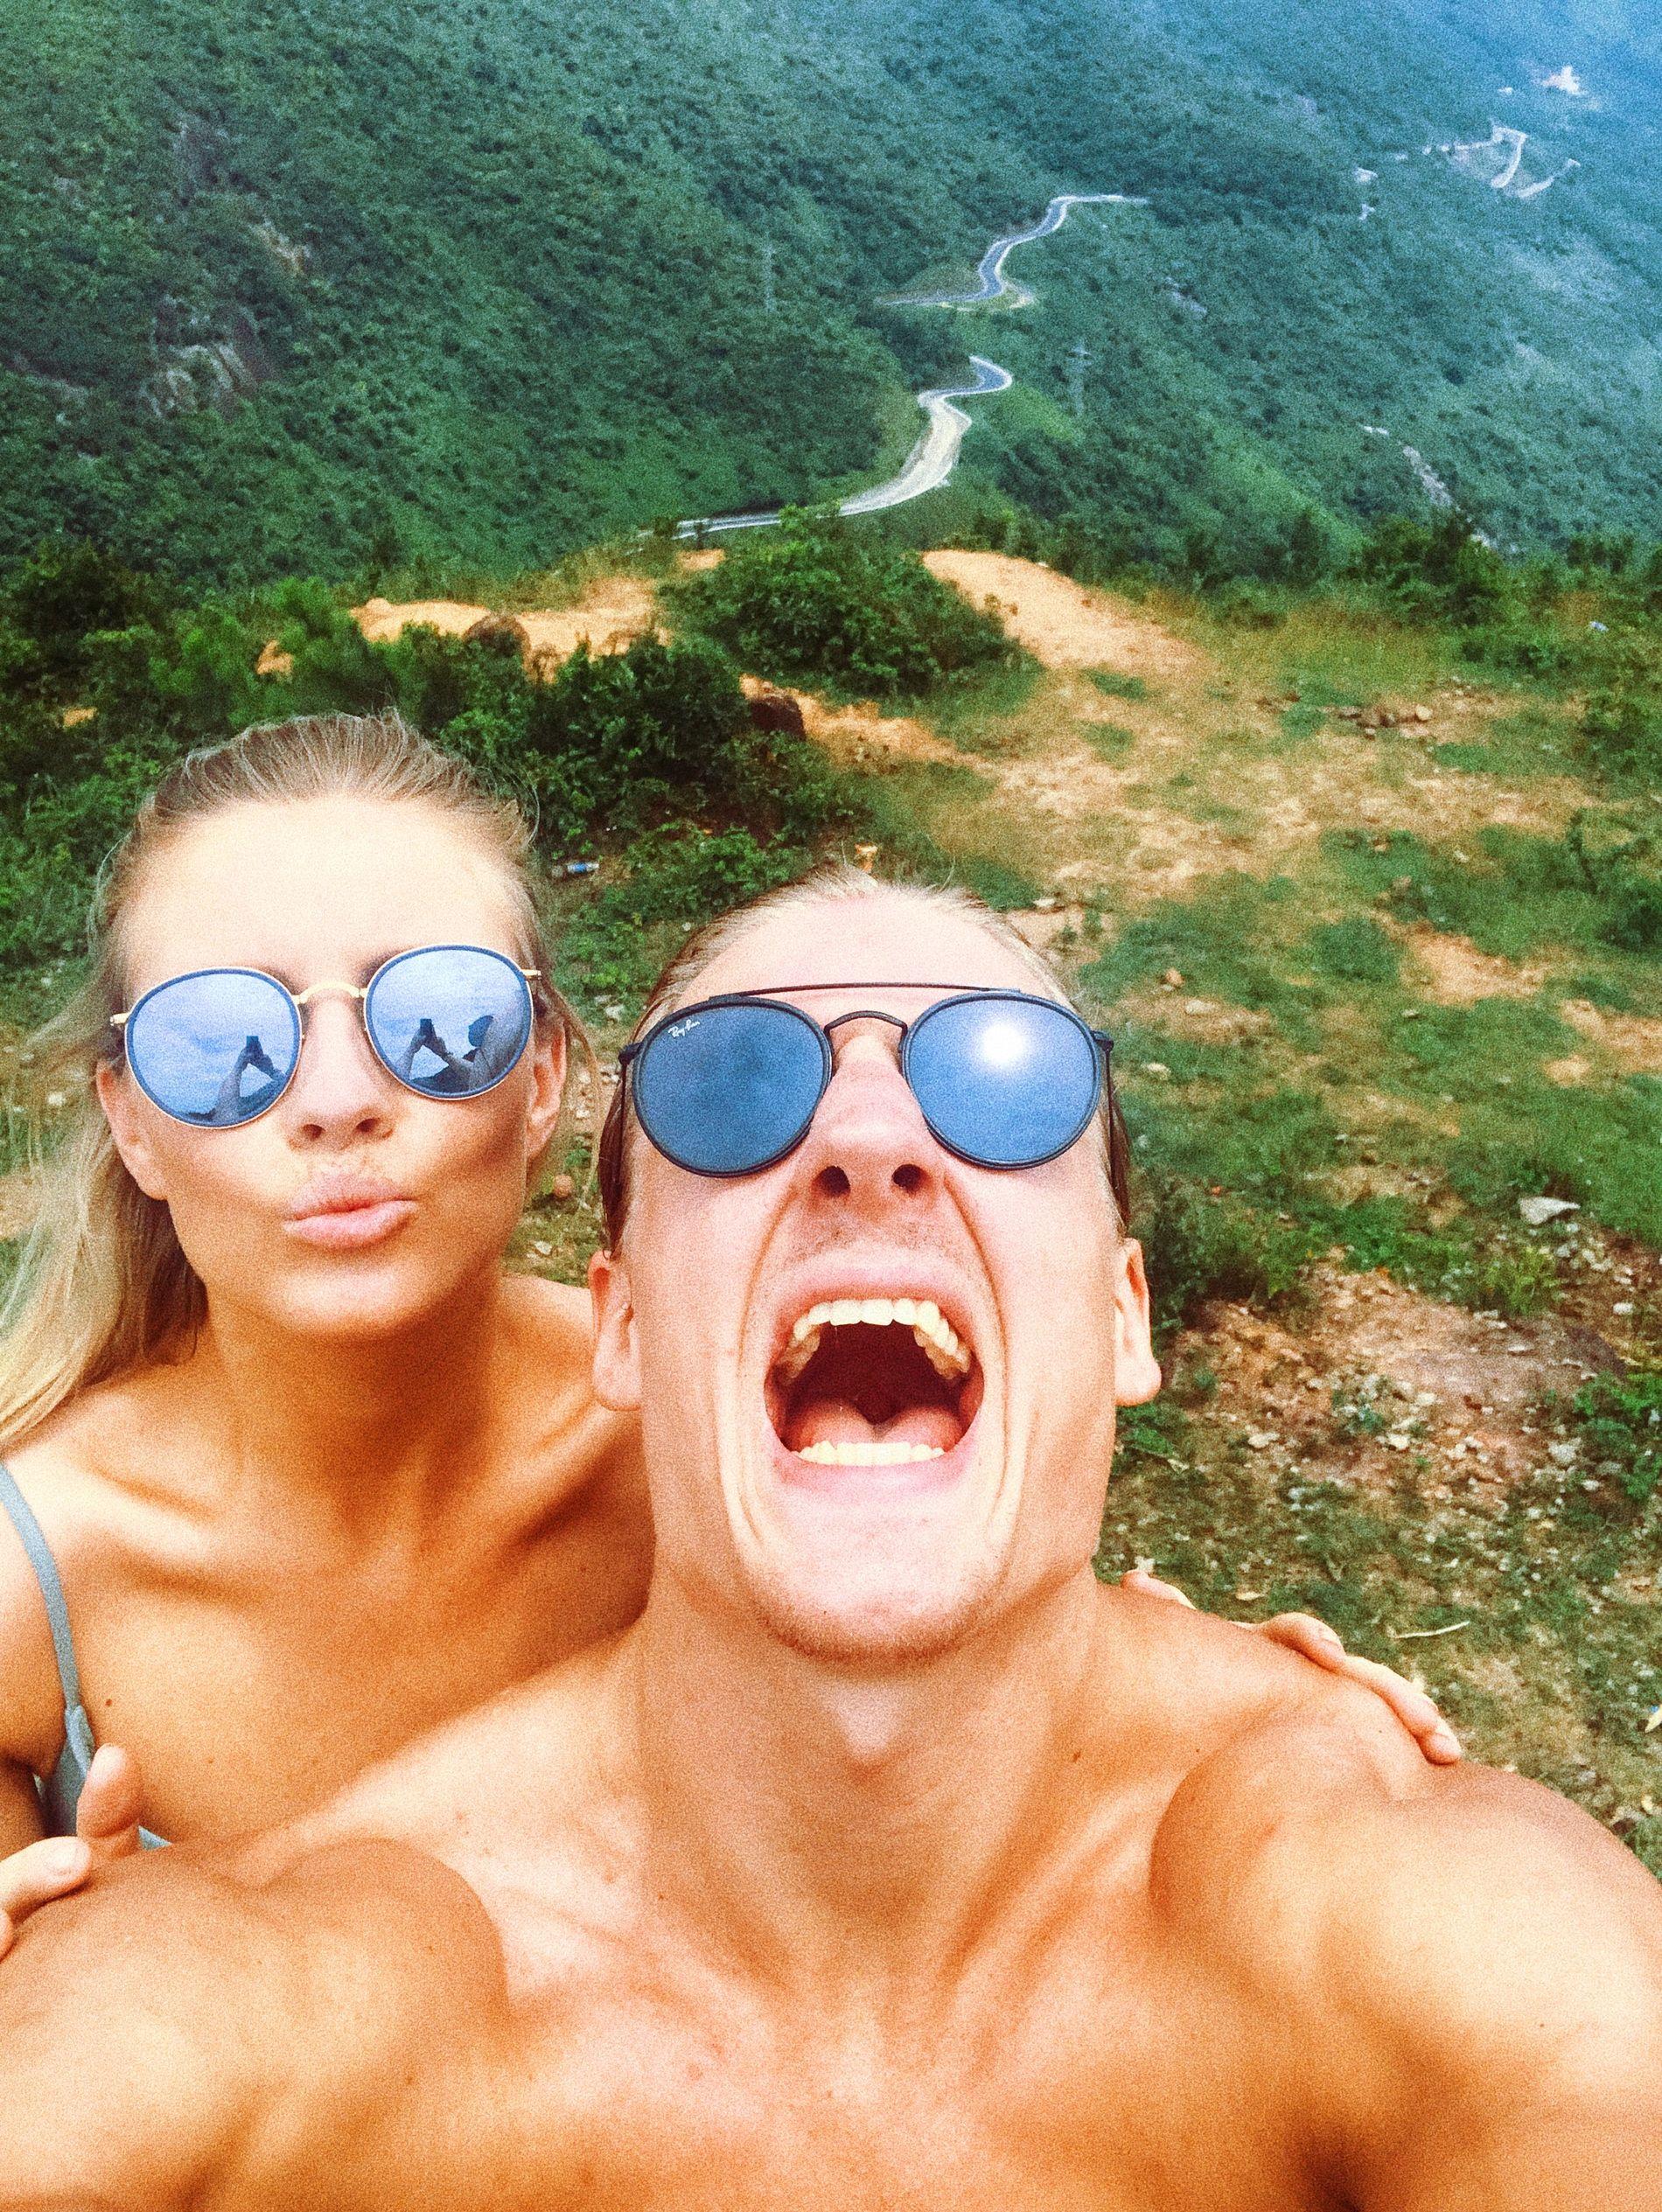 HOCKEY-HULKEN PÅ TUR: Petter Røste Fossen (26), og kjæresten Anniken Engelsen Fromreide (27) i fjellene ved Hai Van Pass i Vietnam, dit Norges sterkeste ishockeyspiller dro for å finne tilbake motivasjonen etter sitt skademareritt.